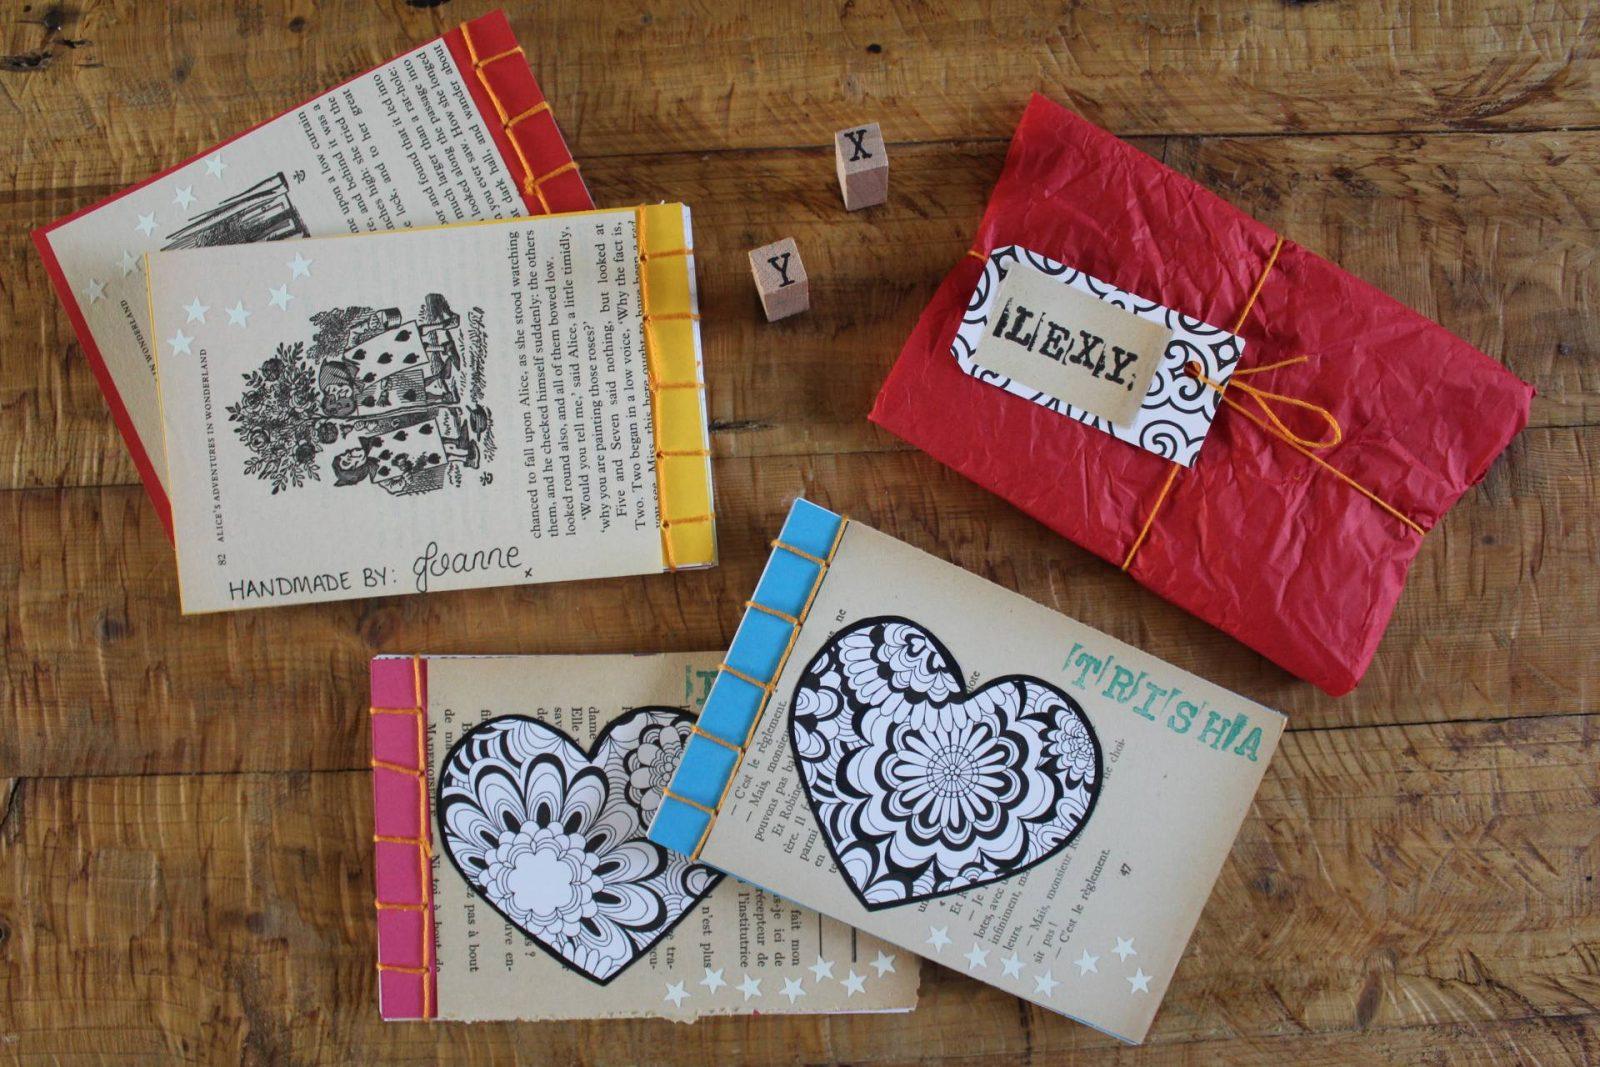 Handmade notebooks Viking World Book Day